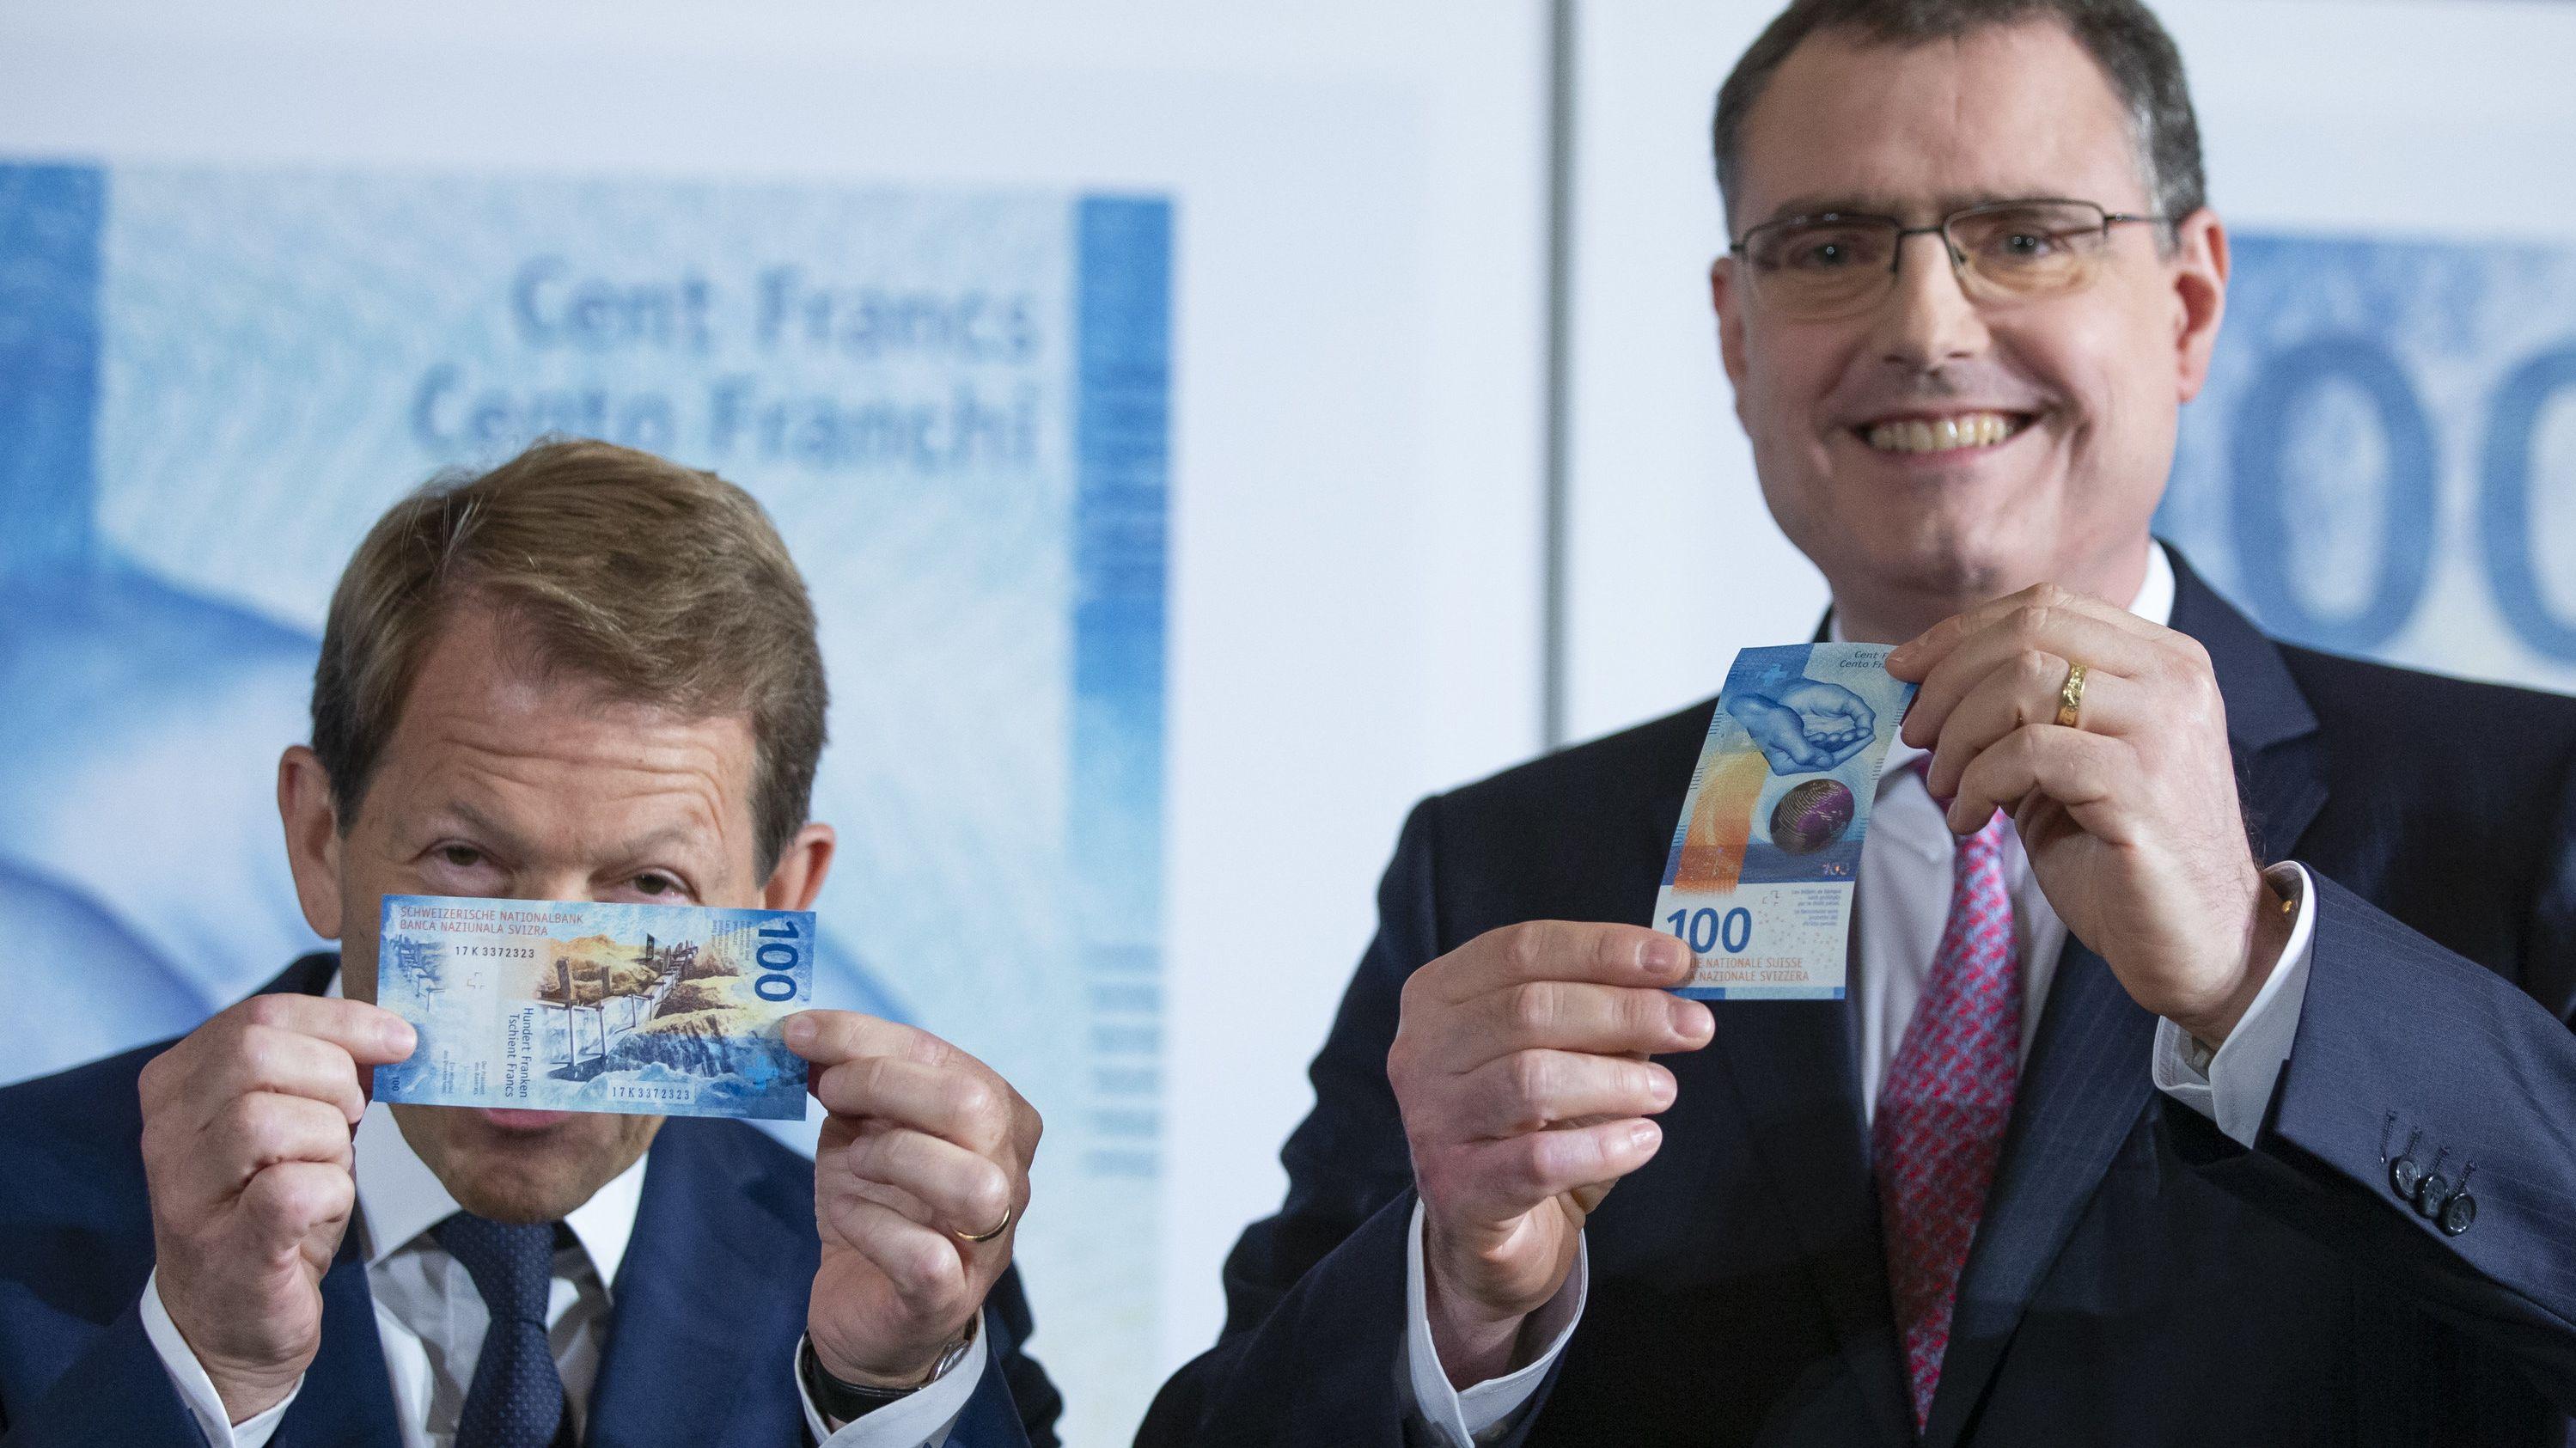 Thomas Jordan und Fritz Zurbrügg, Präsident und Vizepräsident der Schweizerischen Nationalbank, präsentieren die neue 100-Franken-Banknote